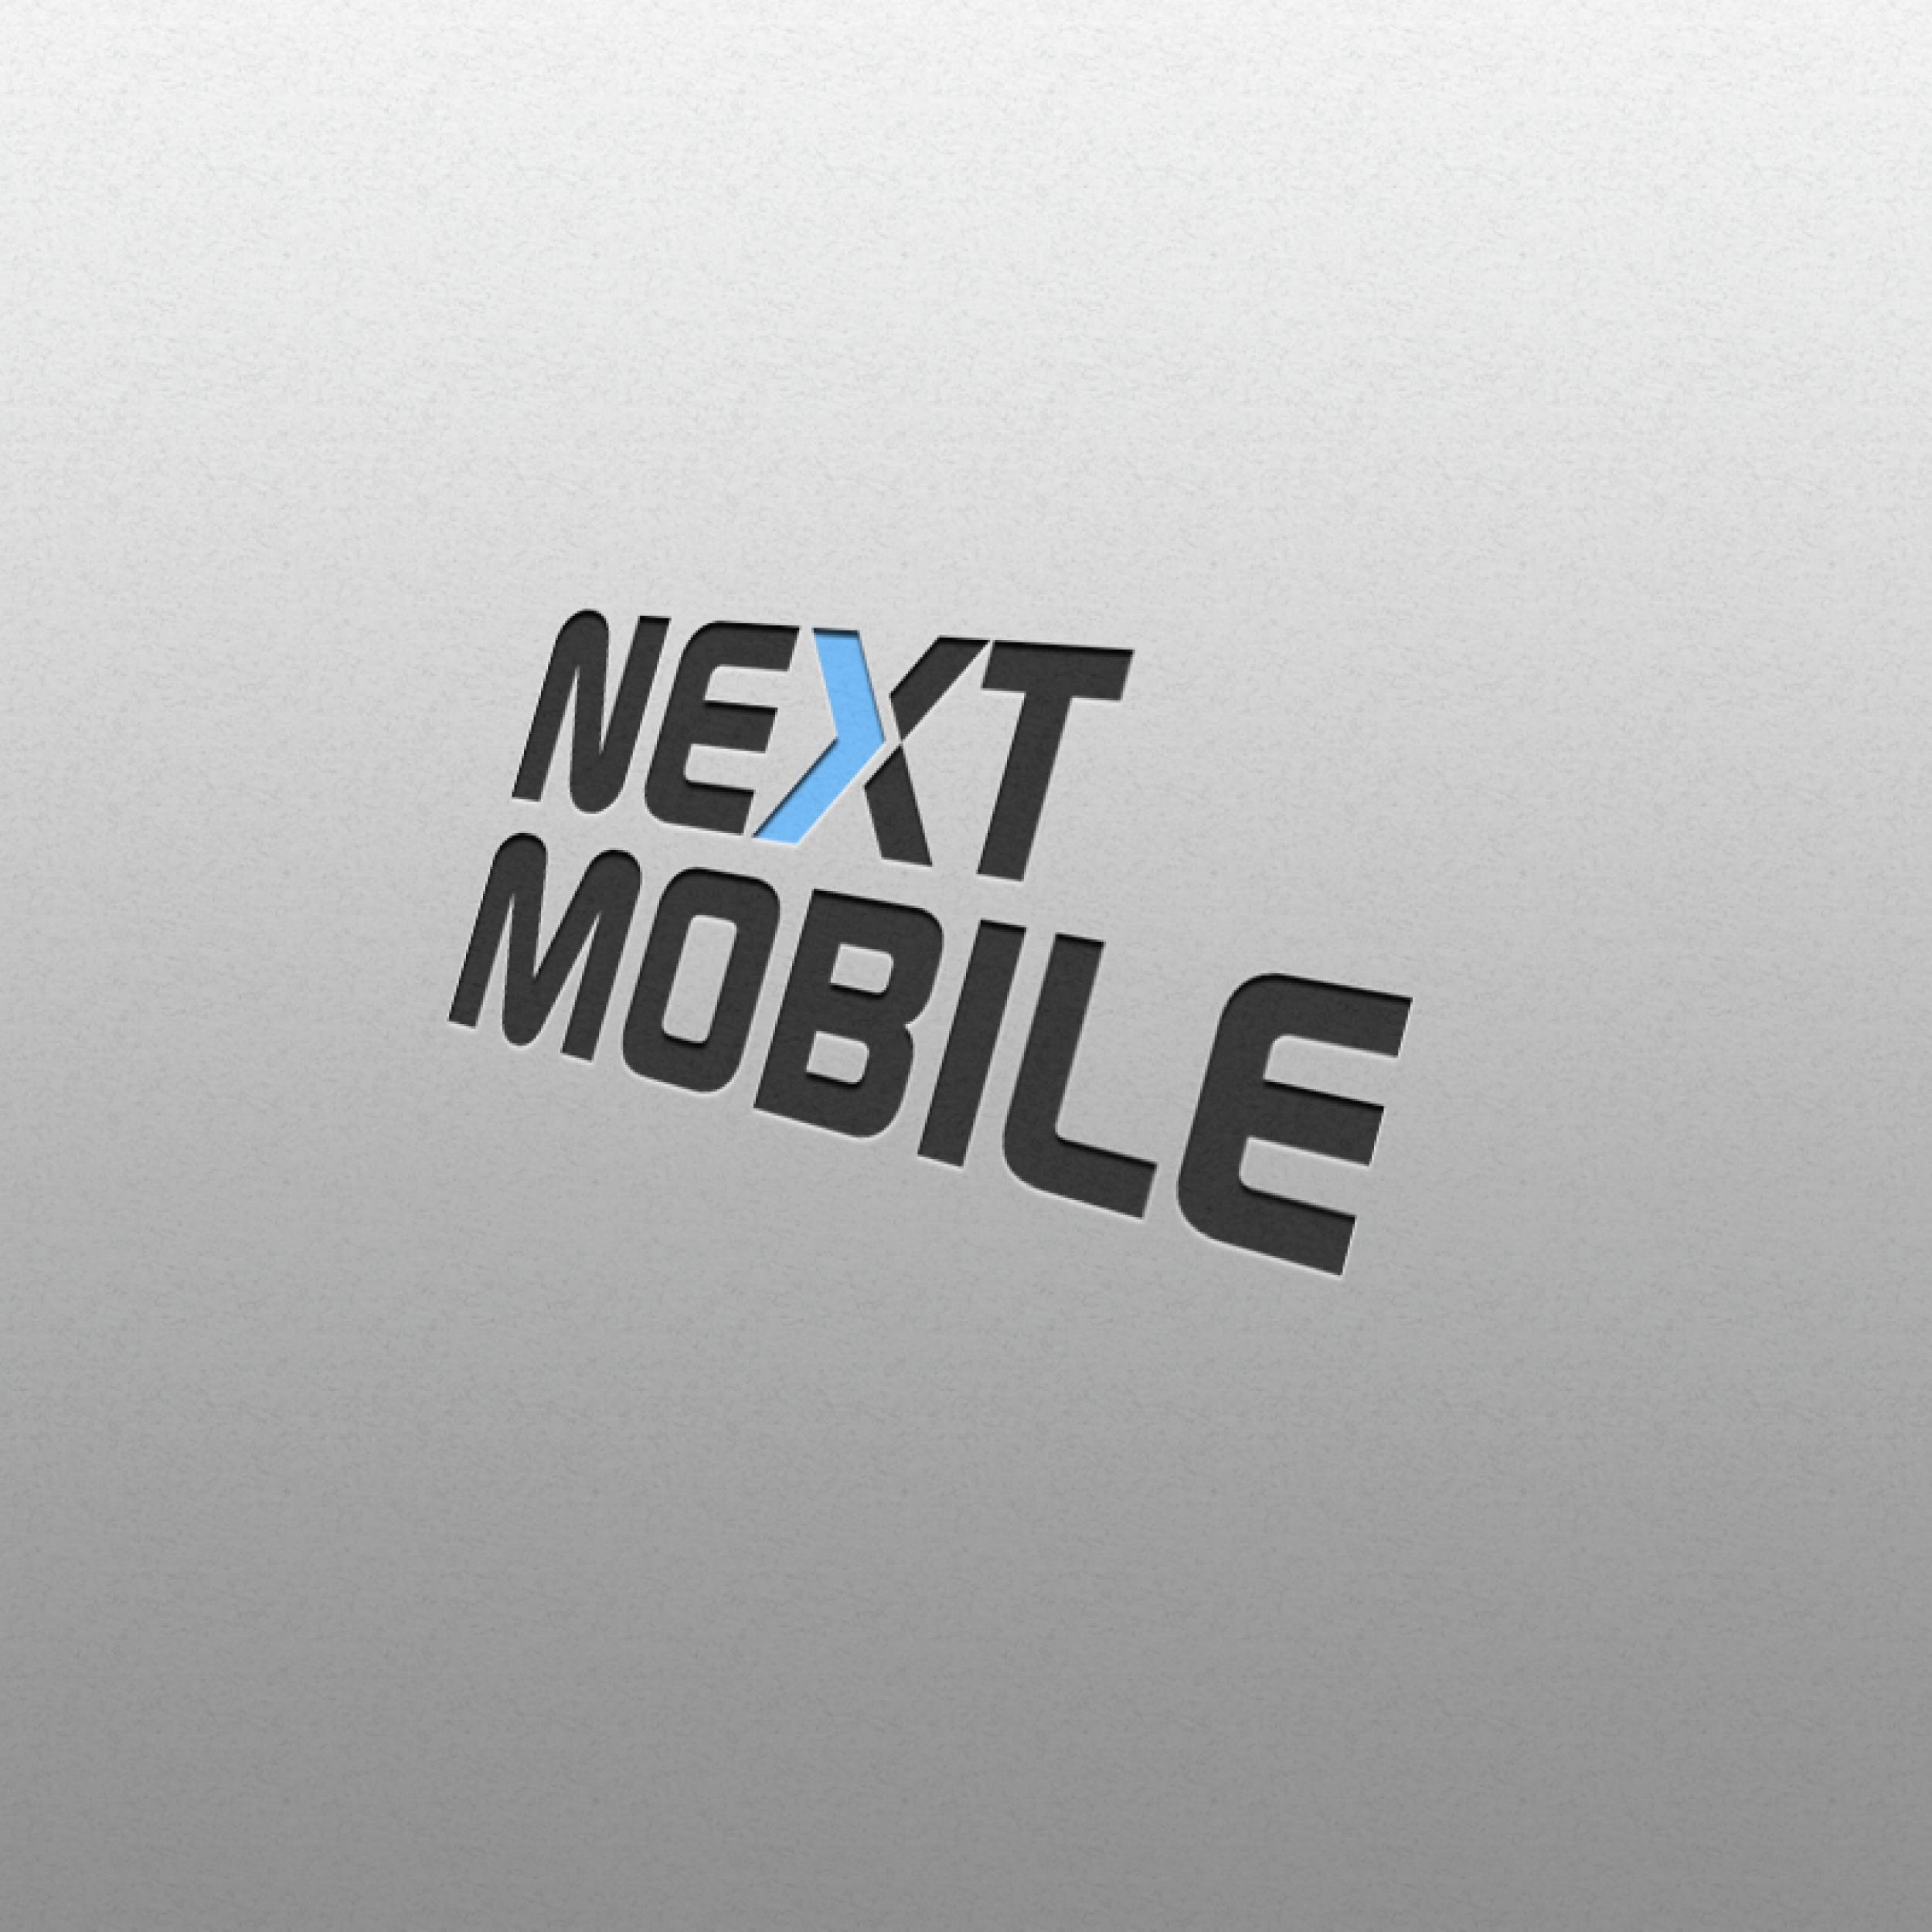 로고 + 명함 | 넥스트모바일 로고 디자인의뢰 | 라우드소싱 포트폴리오